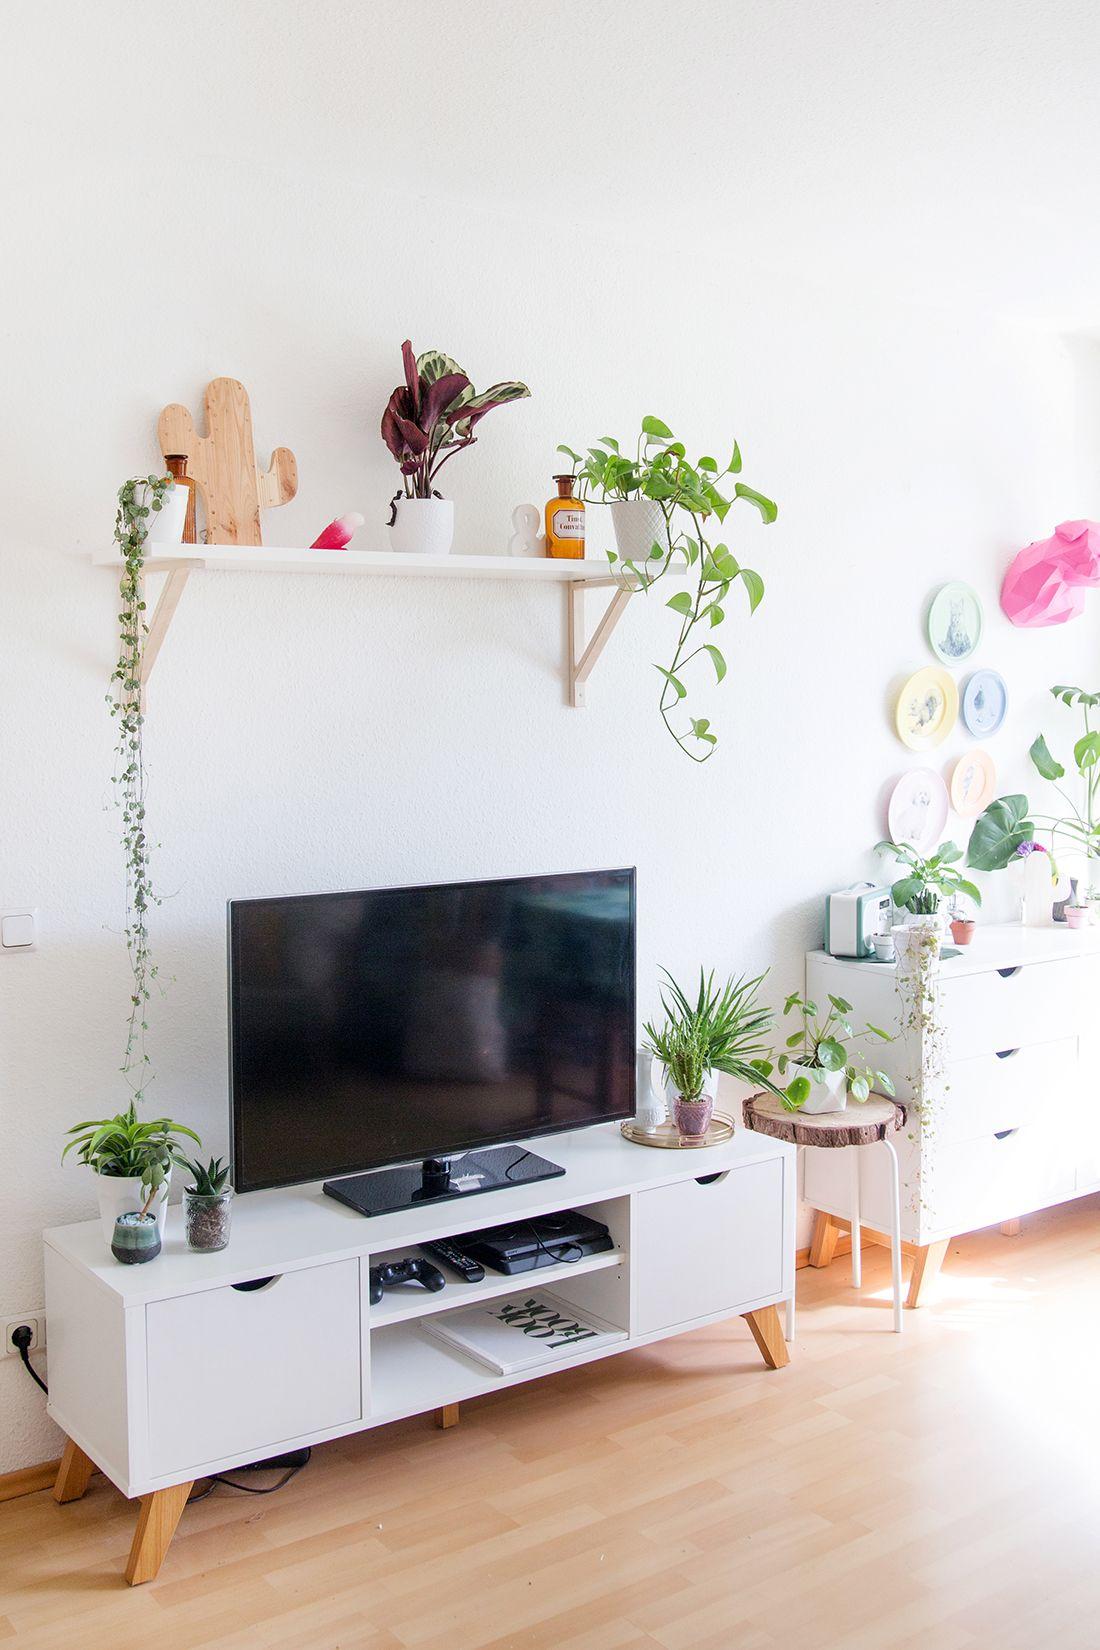 Wohnzimmer Umstyling mit viel DIY Deko  Home Decor mit DIY  Diy deko Diy deko wohnzimmer und